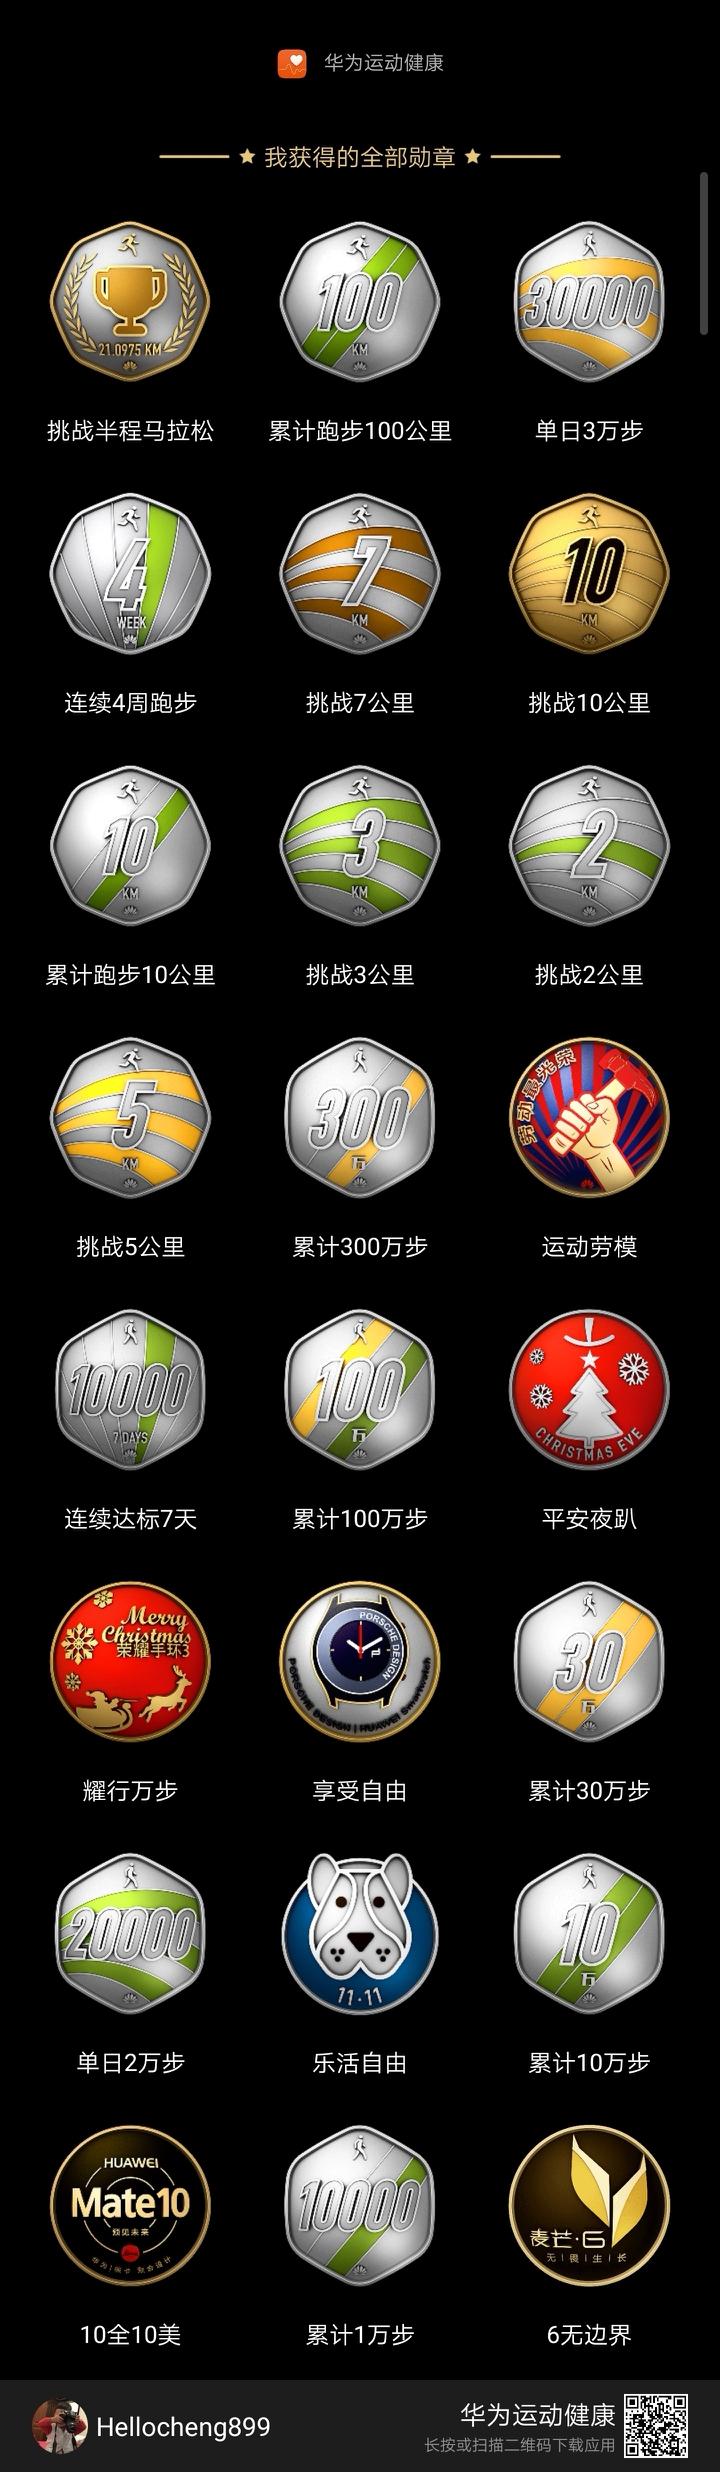 %2Fstorage%2Femulated%2F0%2FHuawei%2FHealth%2Fall_medal_share.jpg